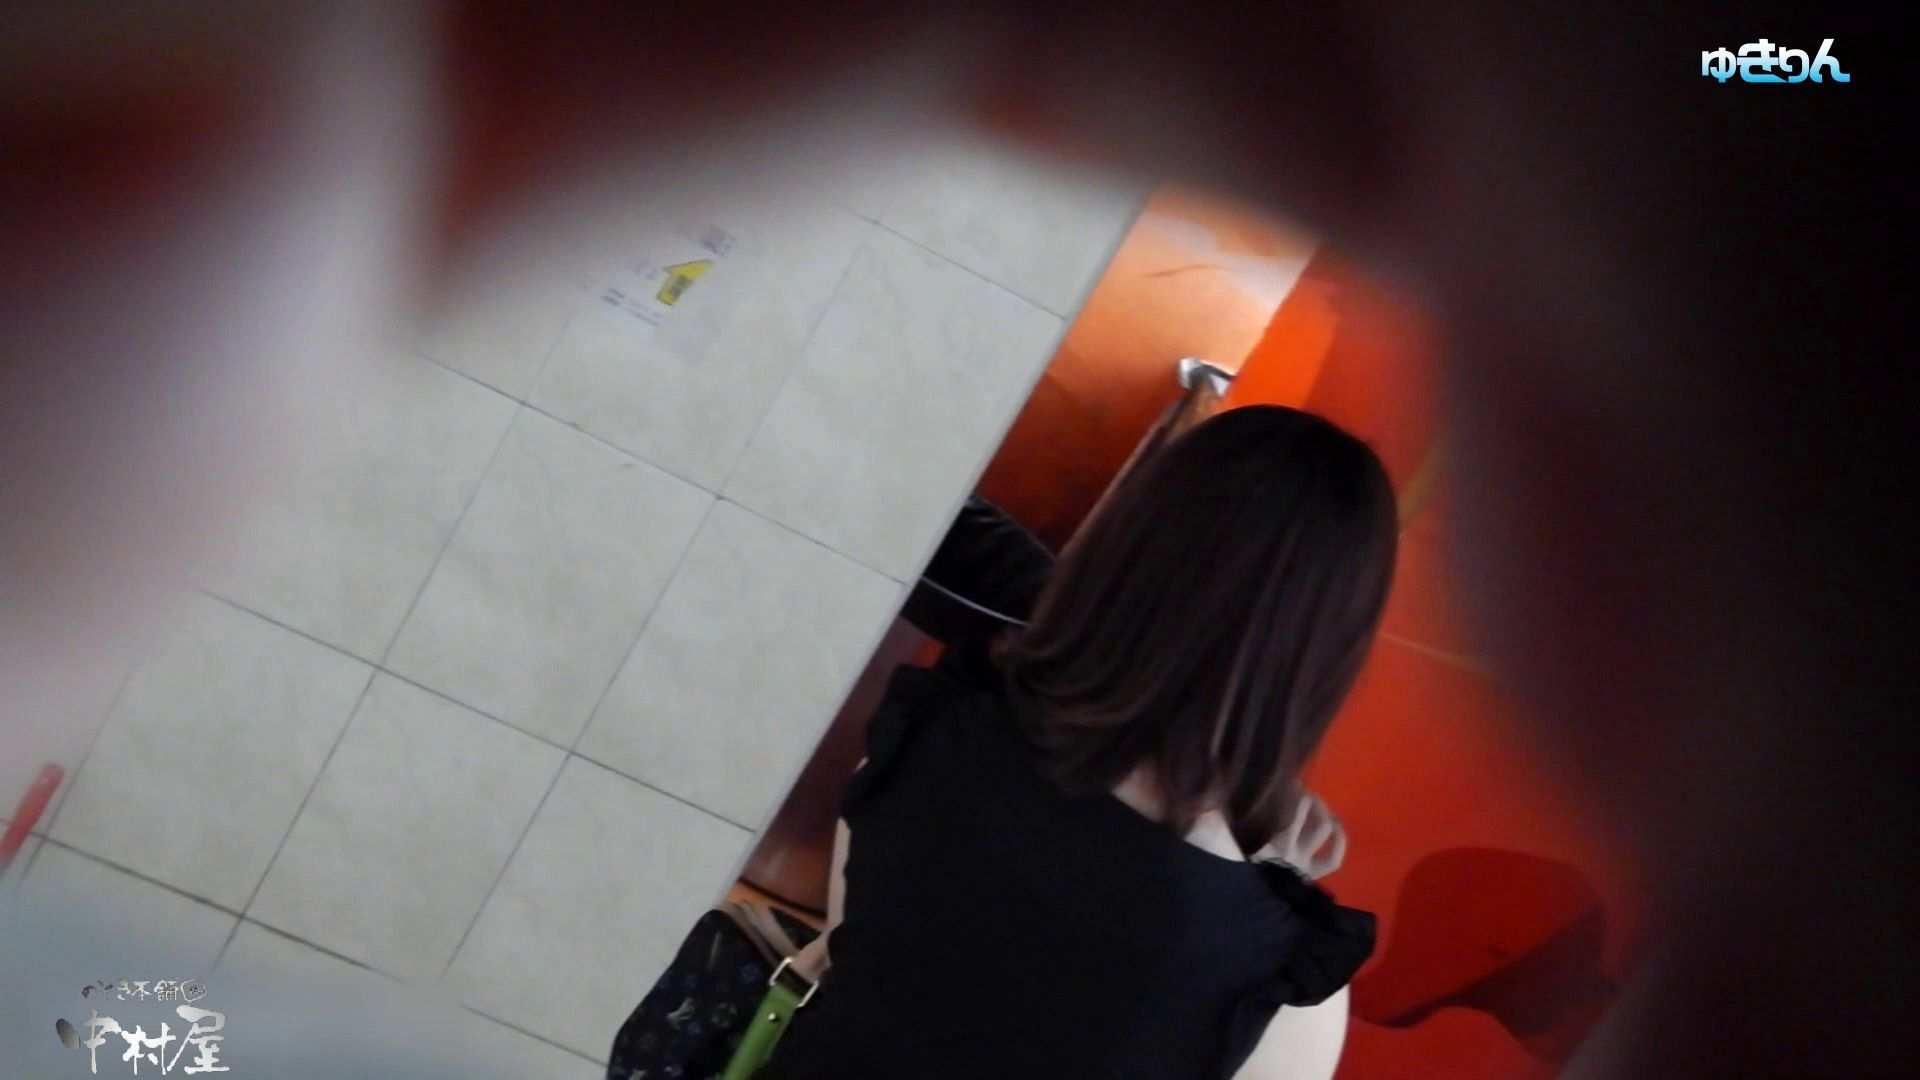 世界の射窓から~ステーション編 vol60 ユキリン粘着撮り!!今回はタイトなパンツが似合う美女 0  82pic 20